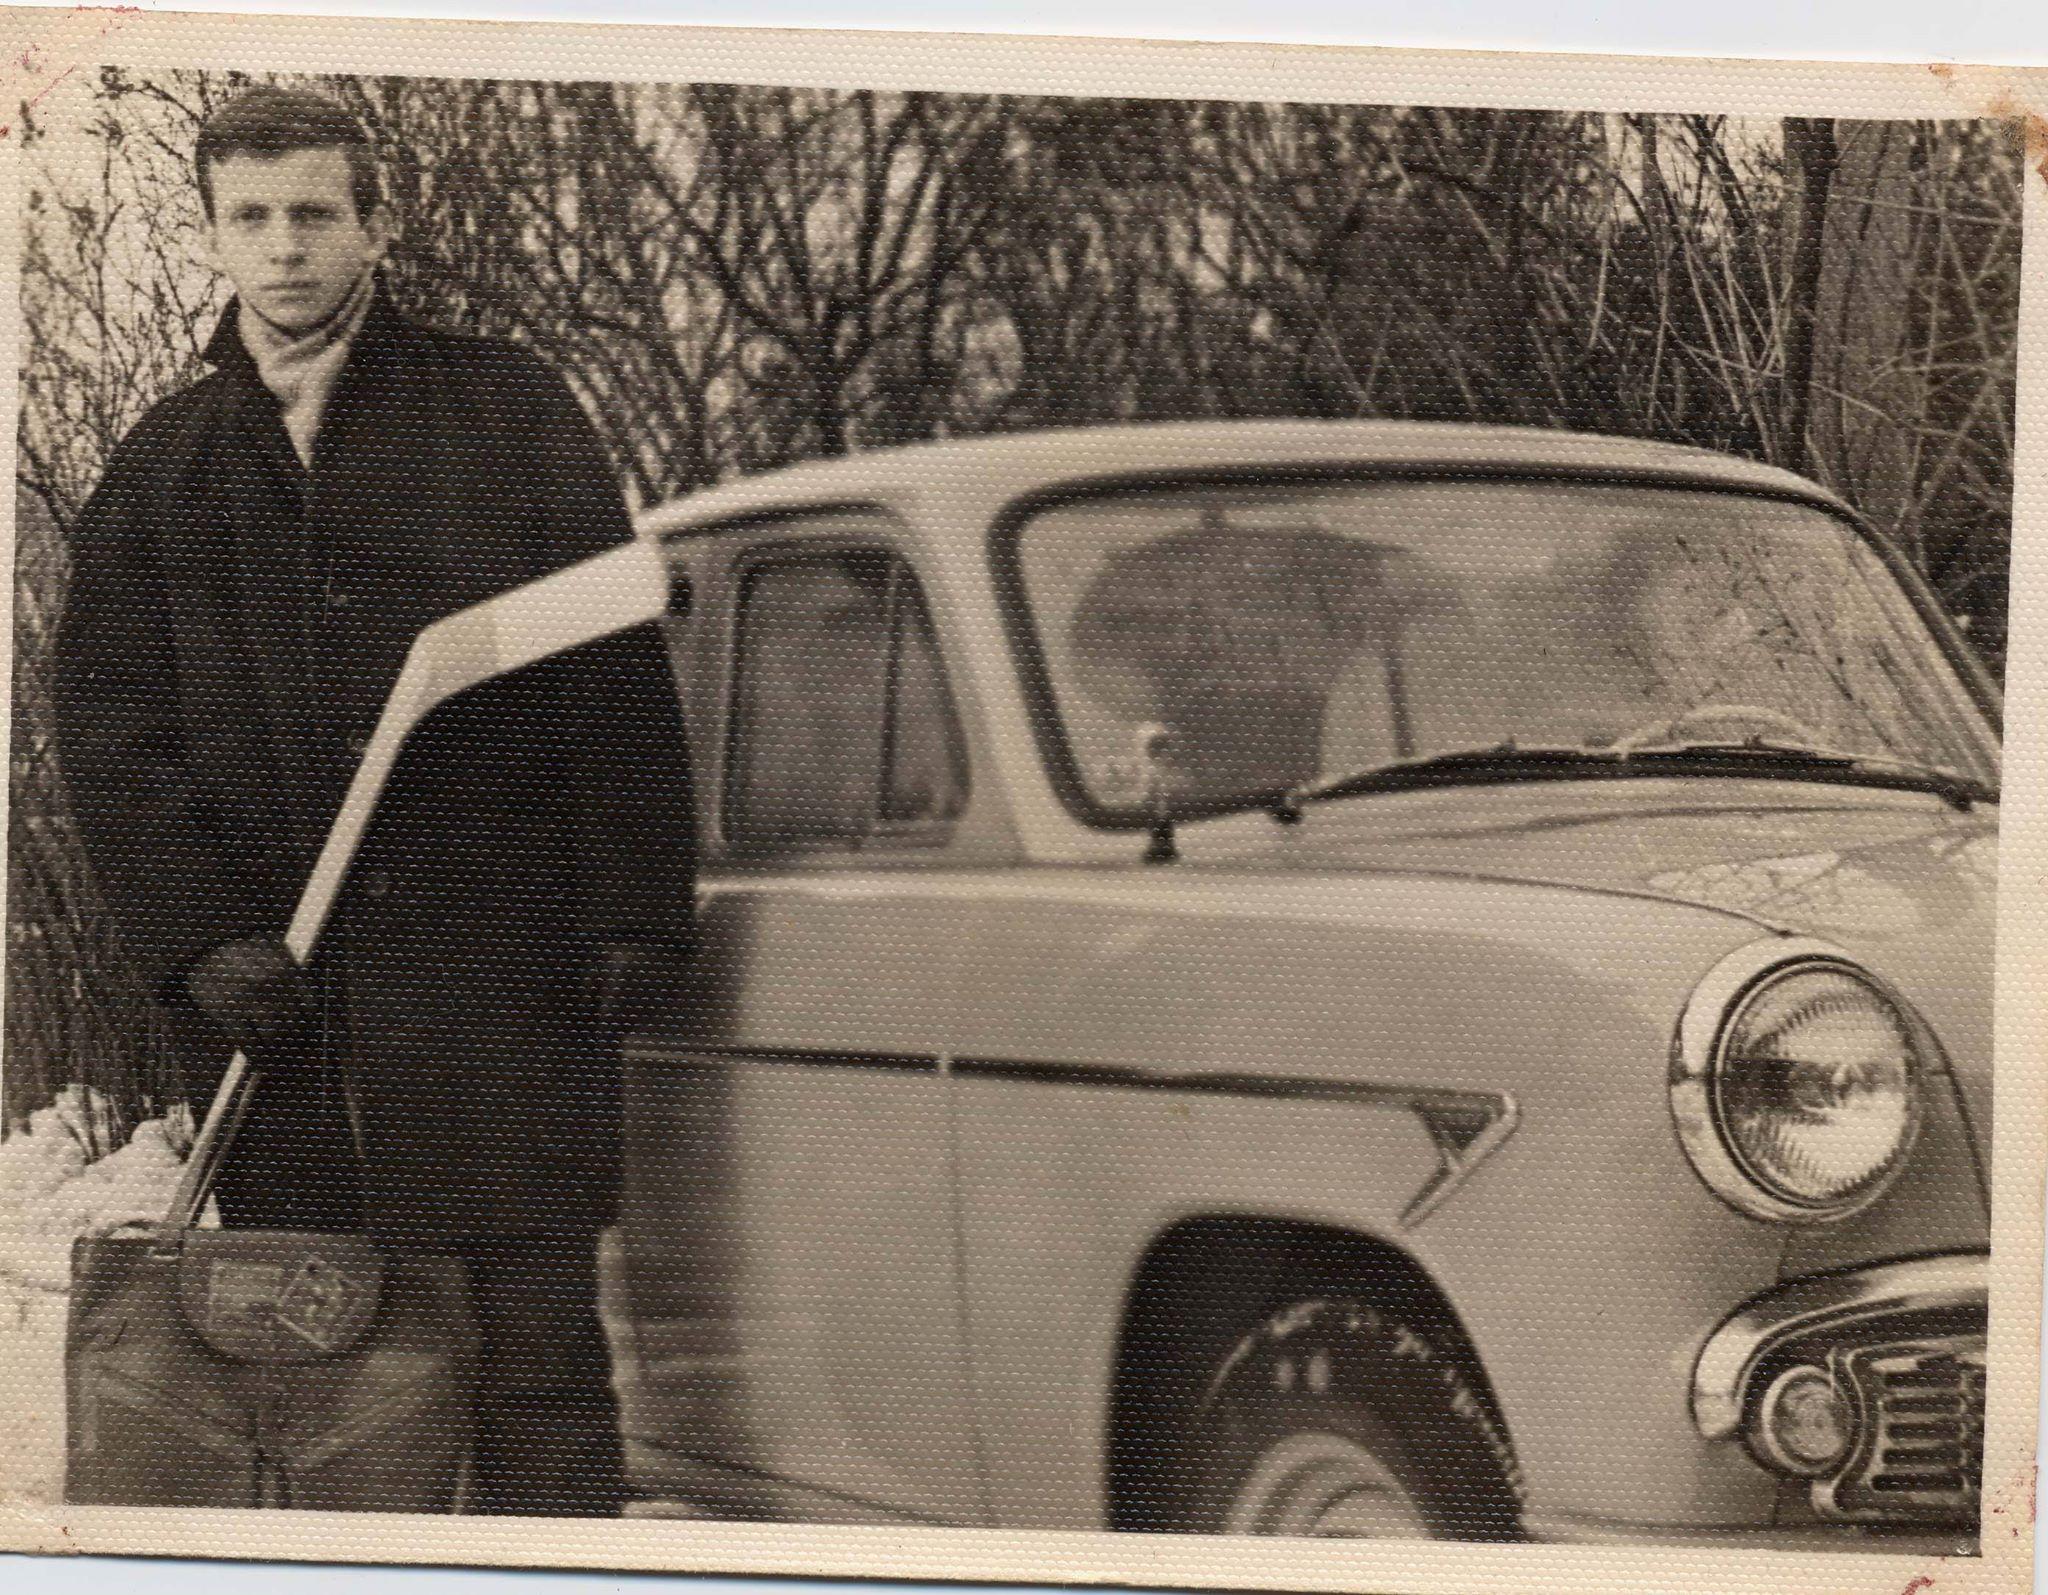 Ад Skoda да Bentley: на чым ездзяць вядомыя гродзенцы